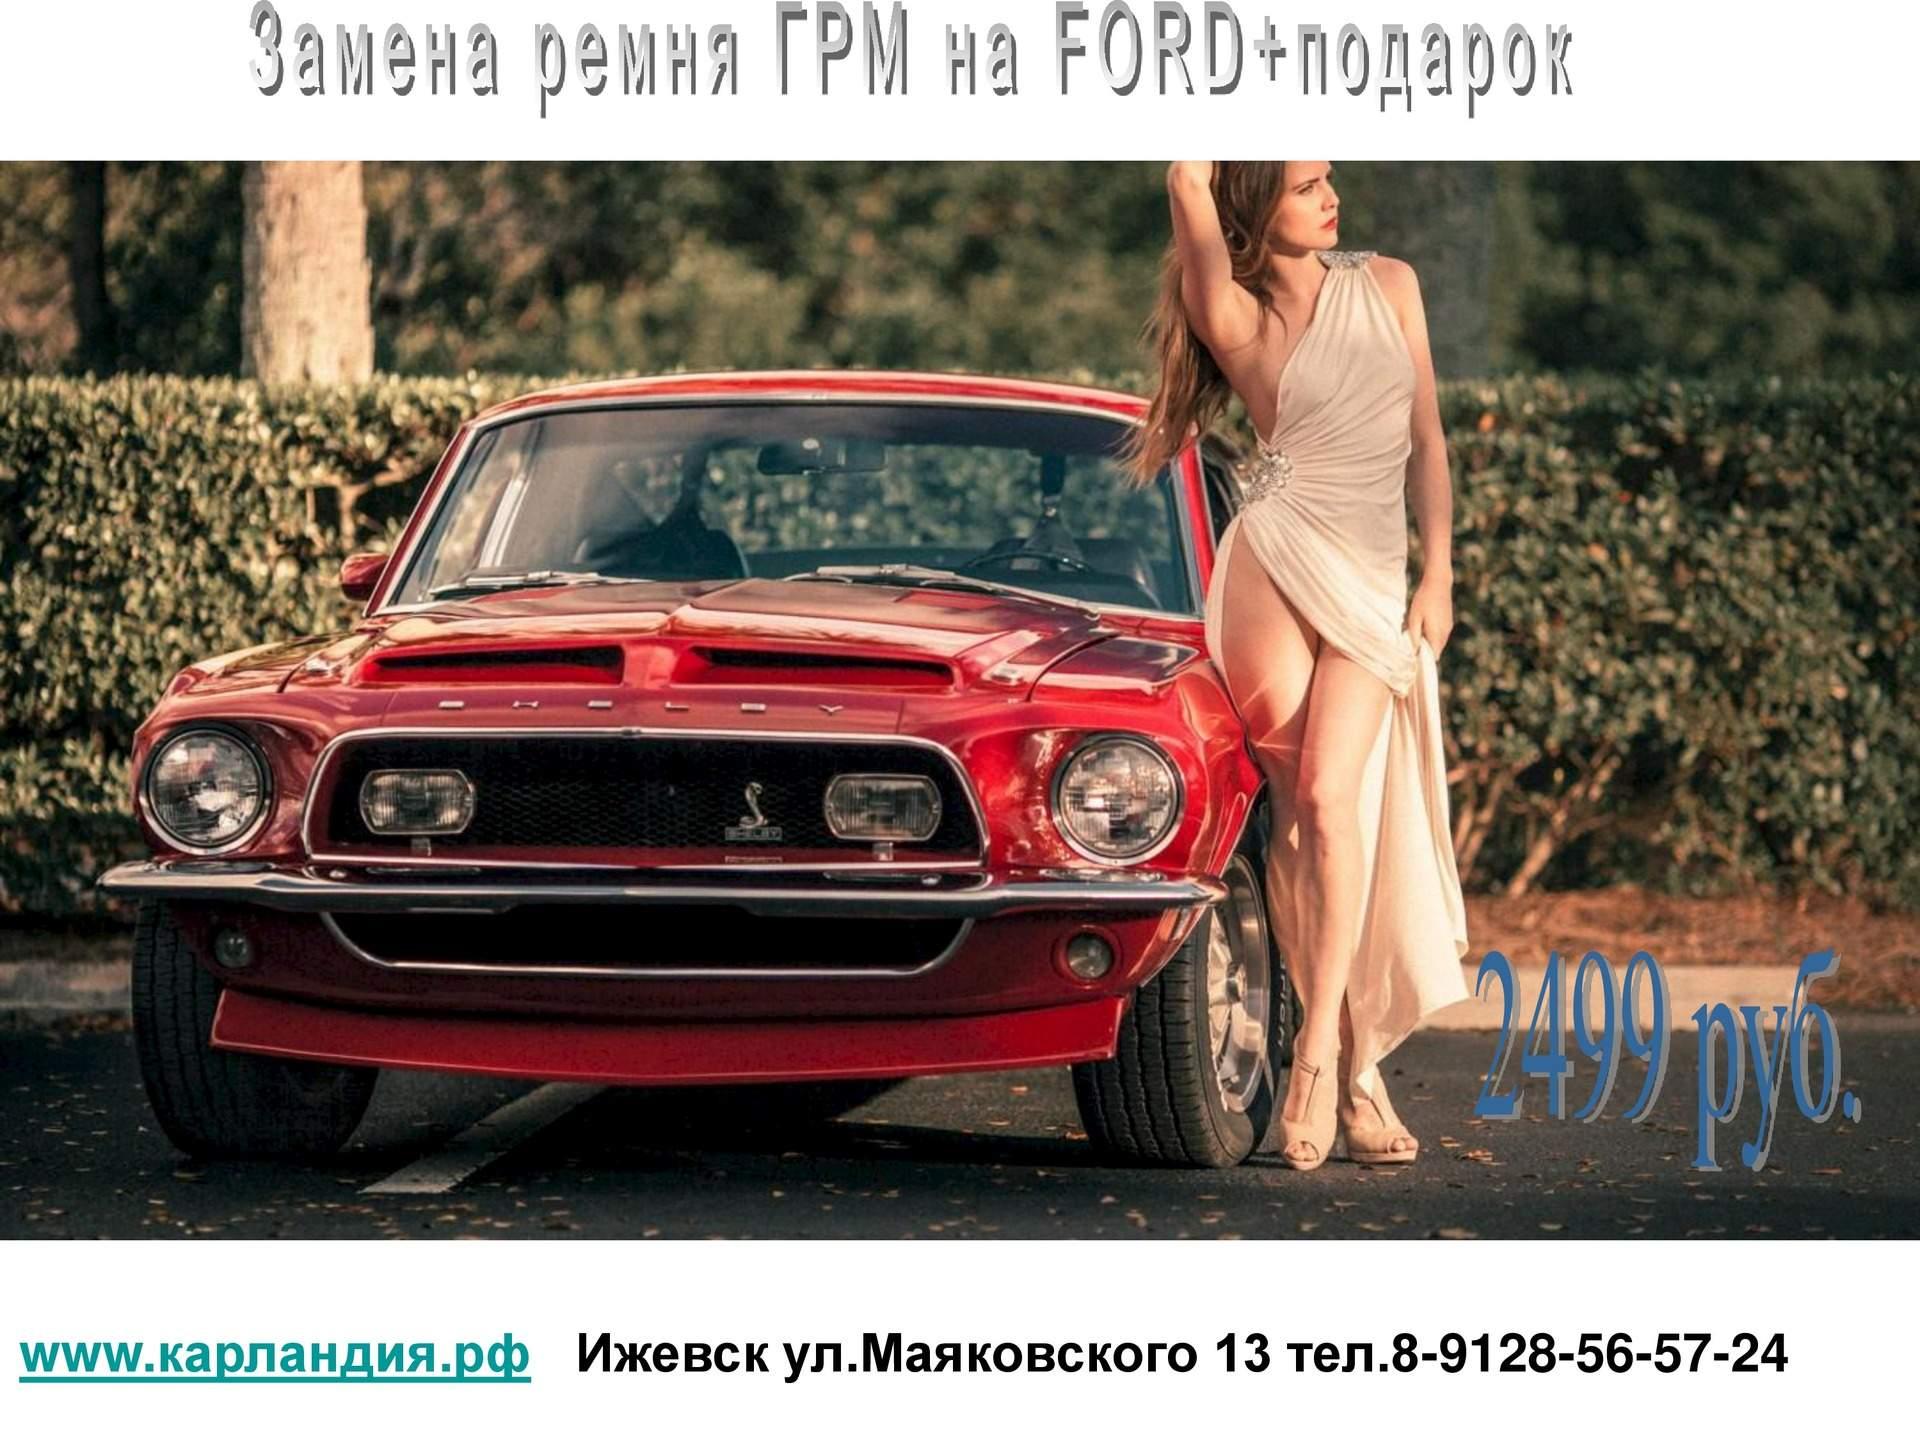 Секмашина и девушка онлайн 1 фотография